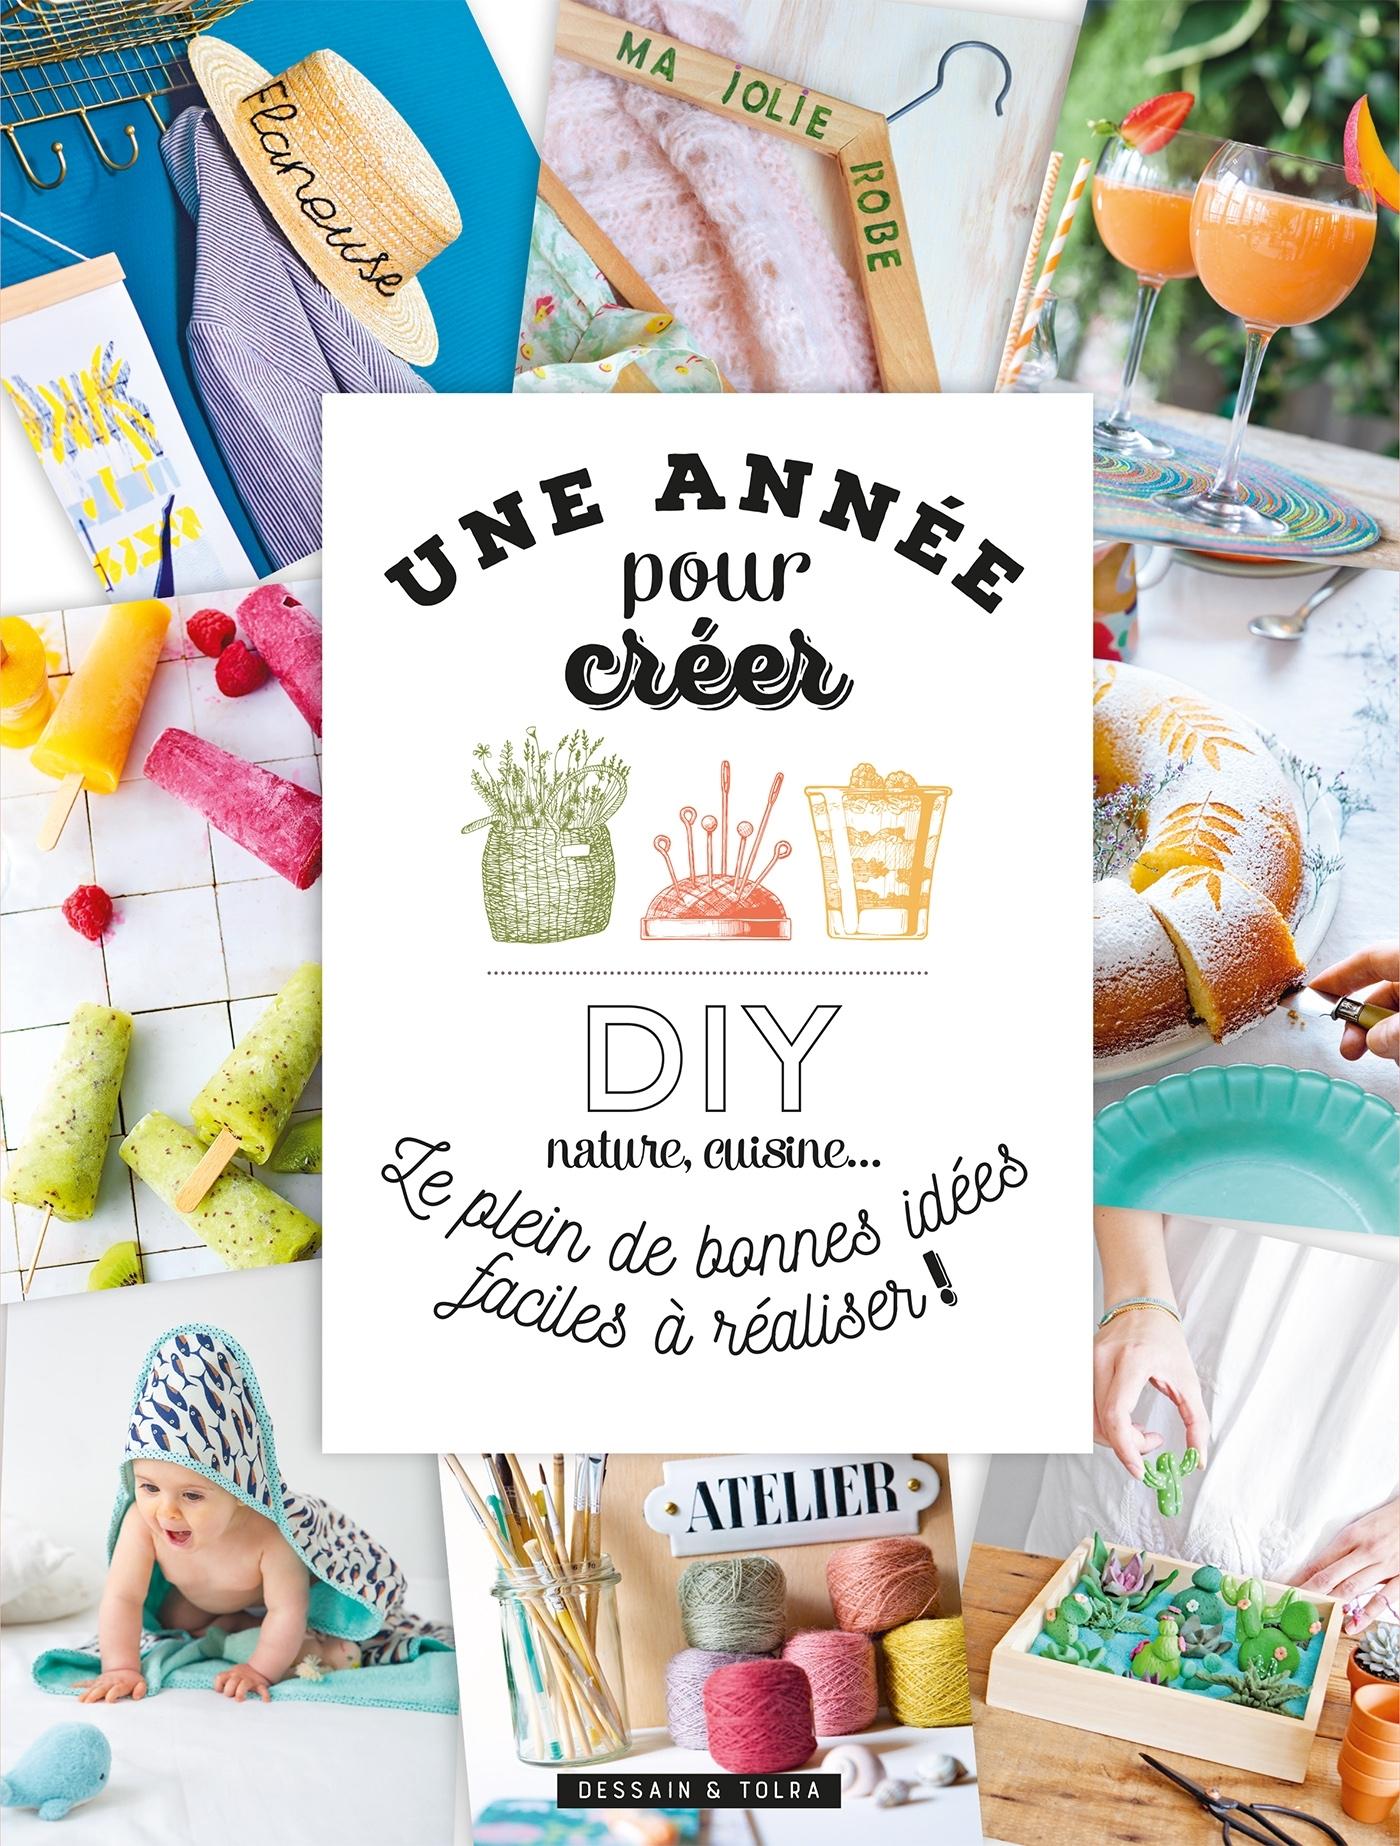 UNE ANNEE POUR CREER! - DIY, CUISINE, NATURE... LE PLEIN DE BONNES IDEES FACILES A REALISER